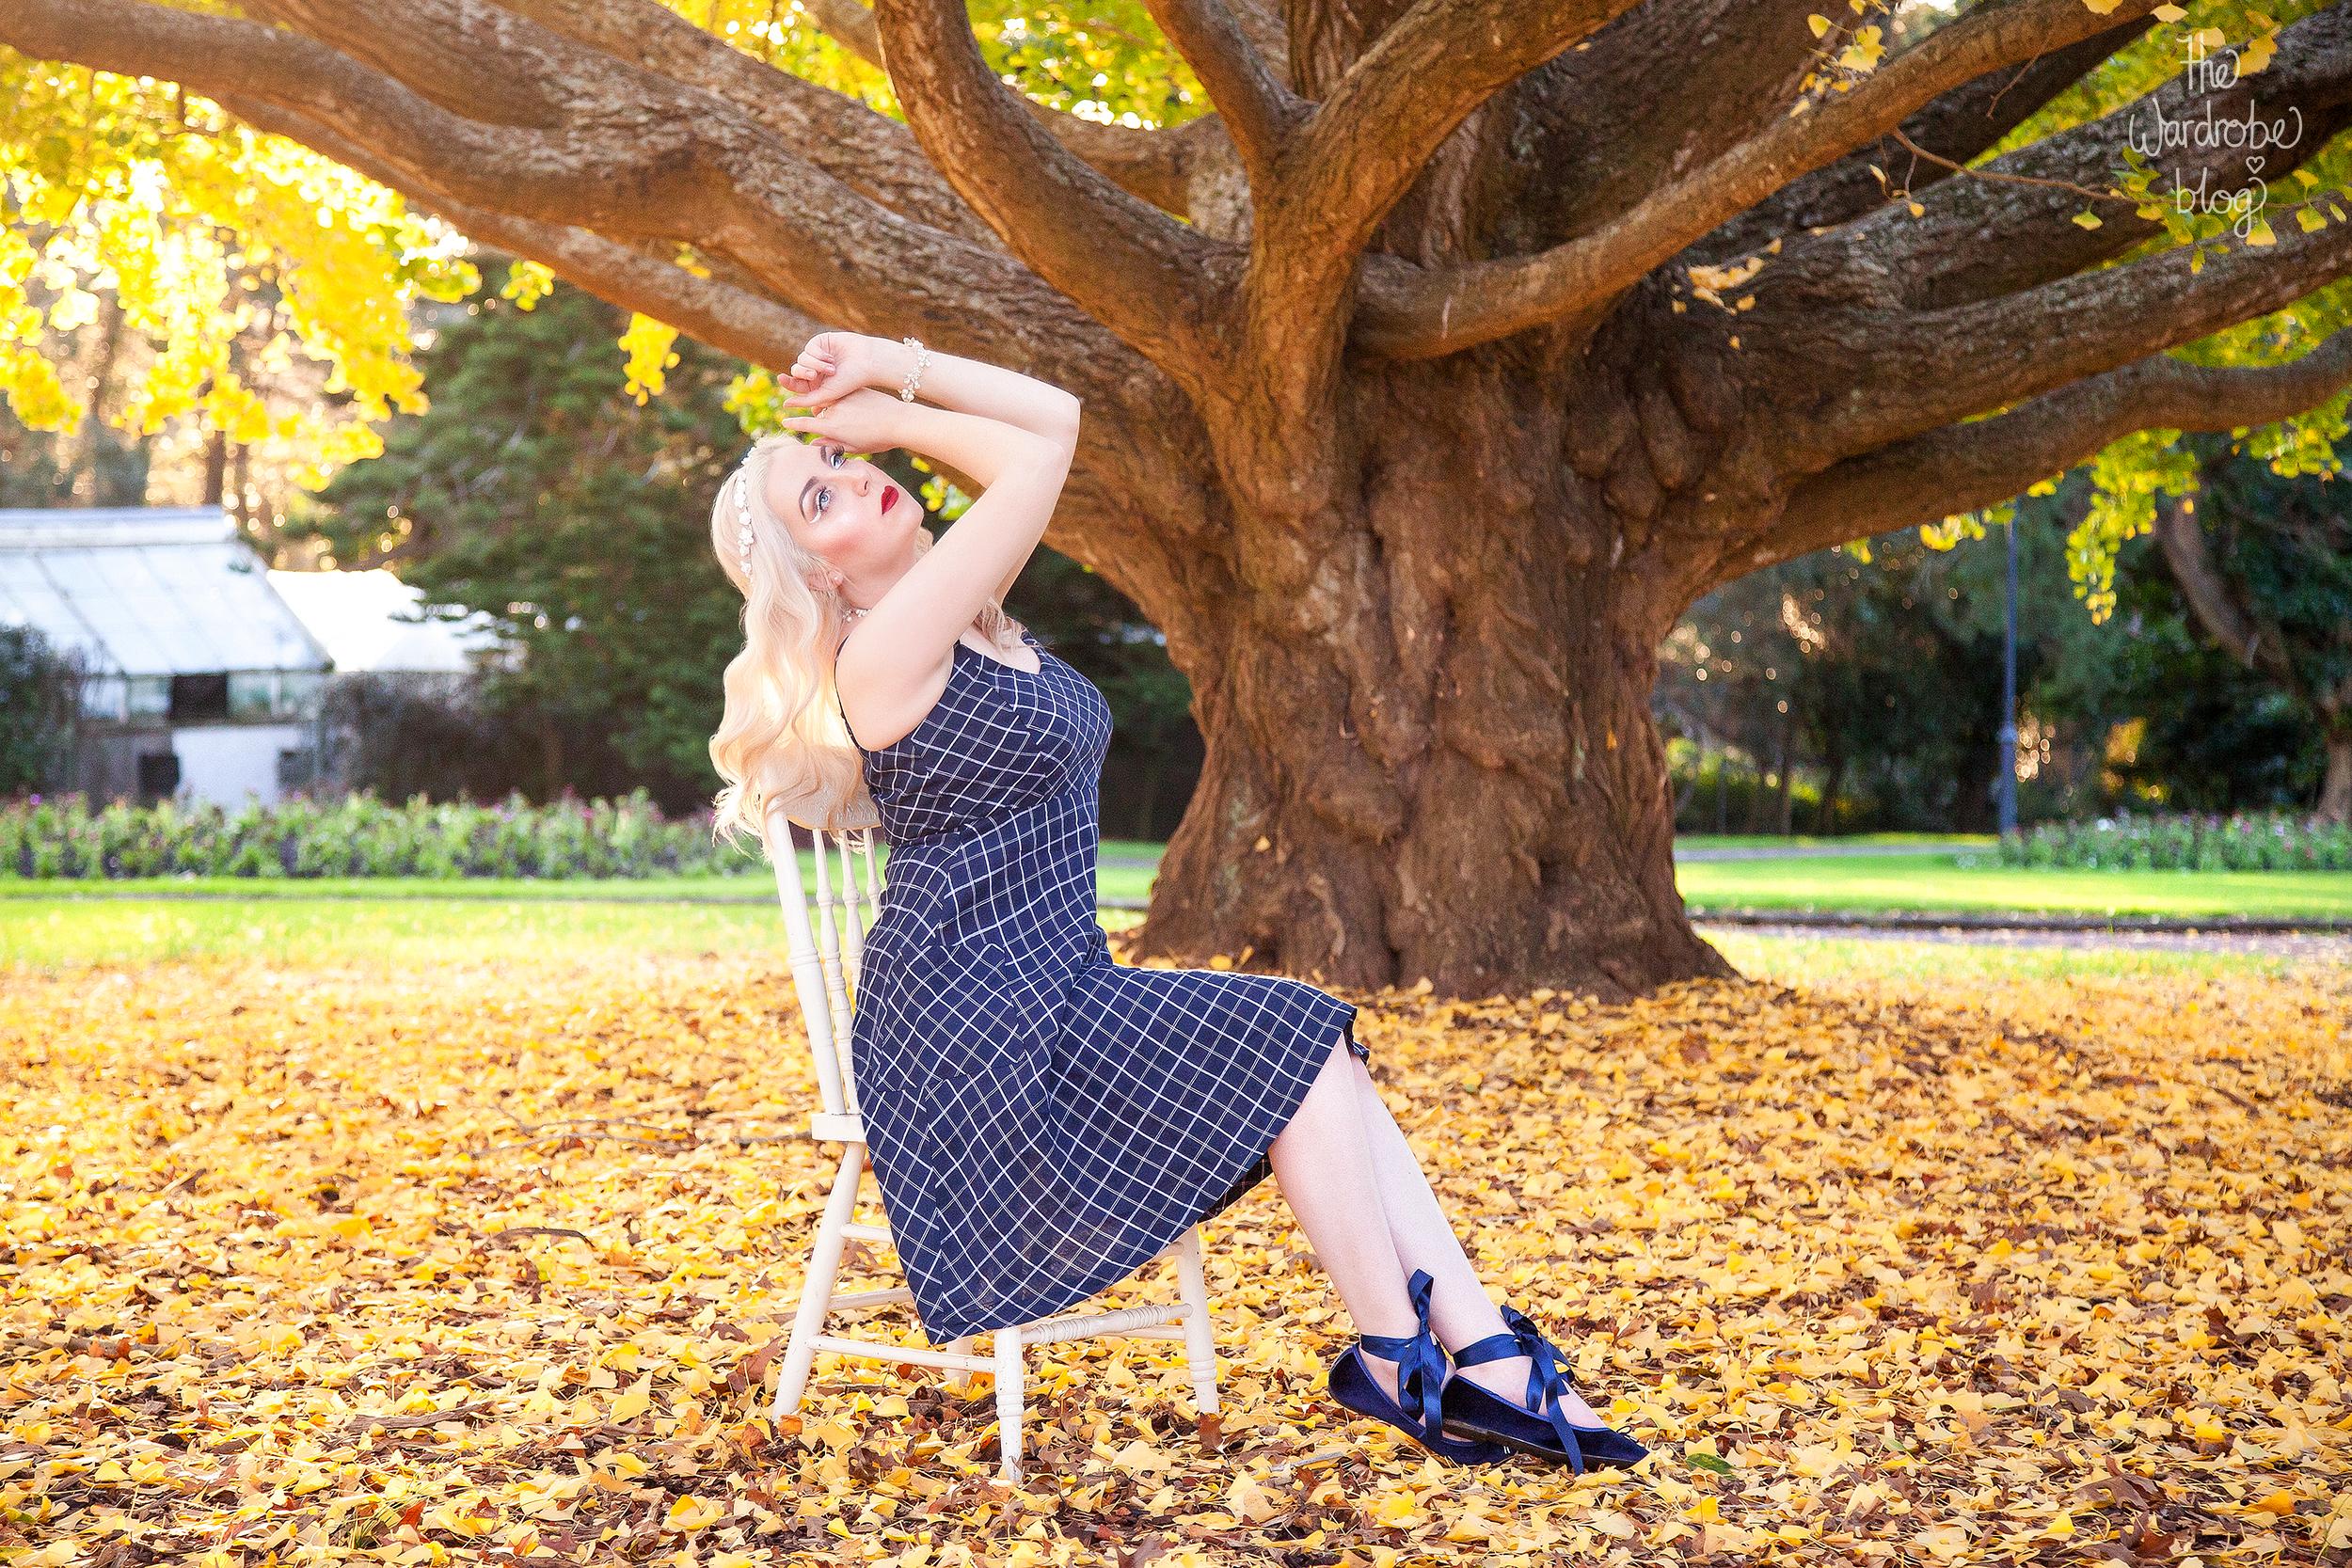 max-dress-ornate-chair-genko-tree